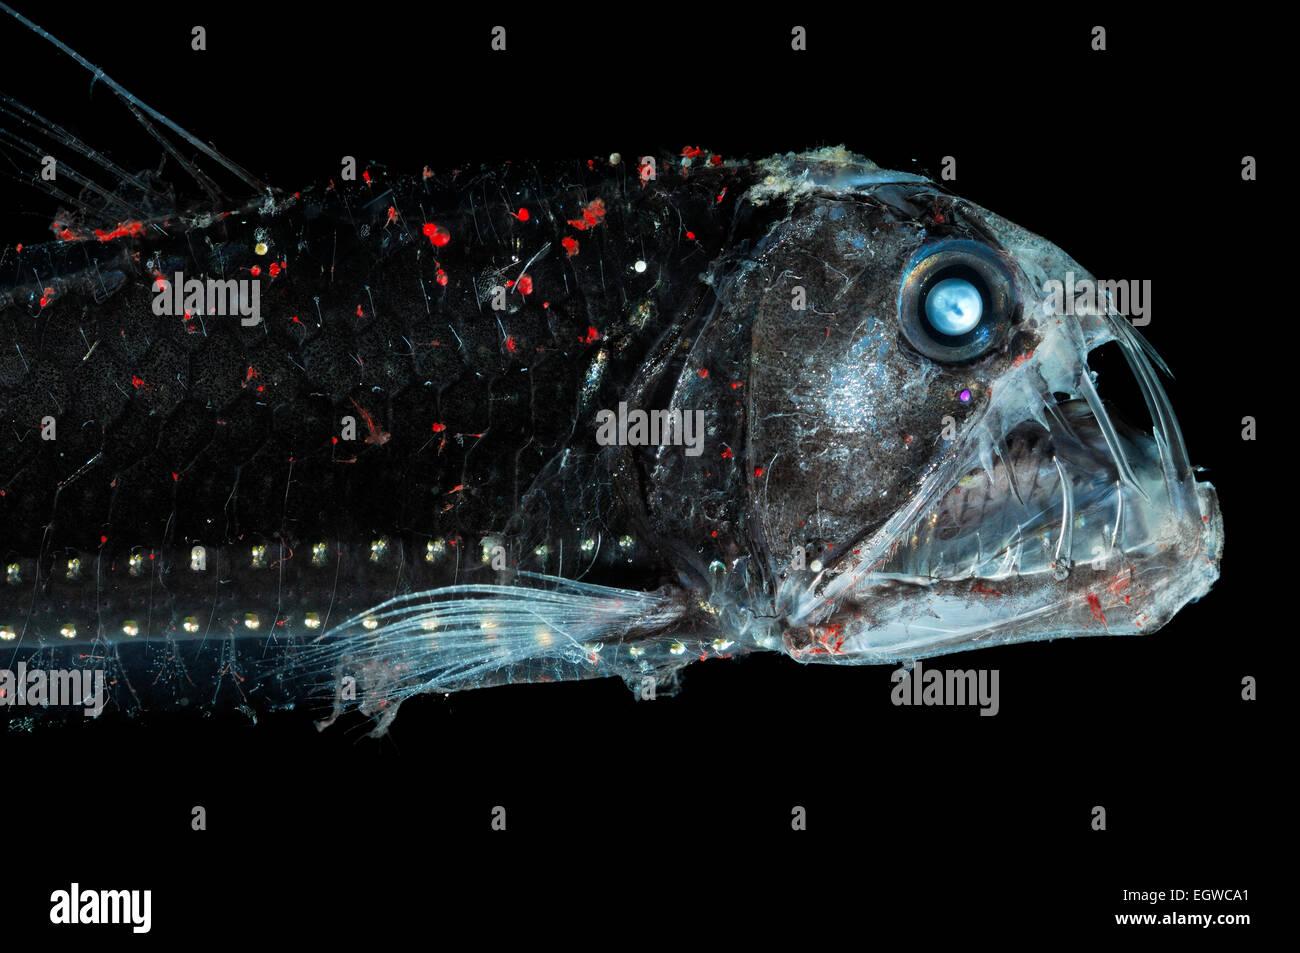 El mar profundo viperfish (Chauliodus sloani) es de aproximadamente 30 cm de largo y vive dentro de la parte superior a 1000 m de la columna de agua. Durante d Foto de stock